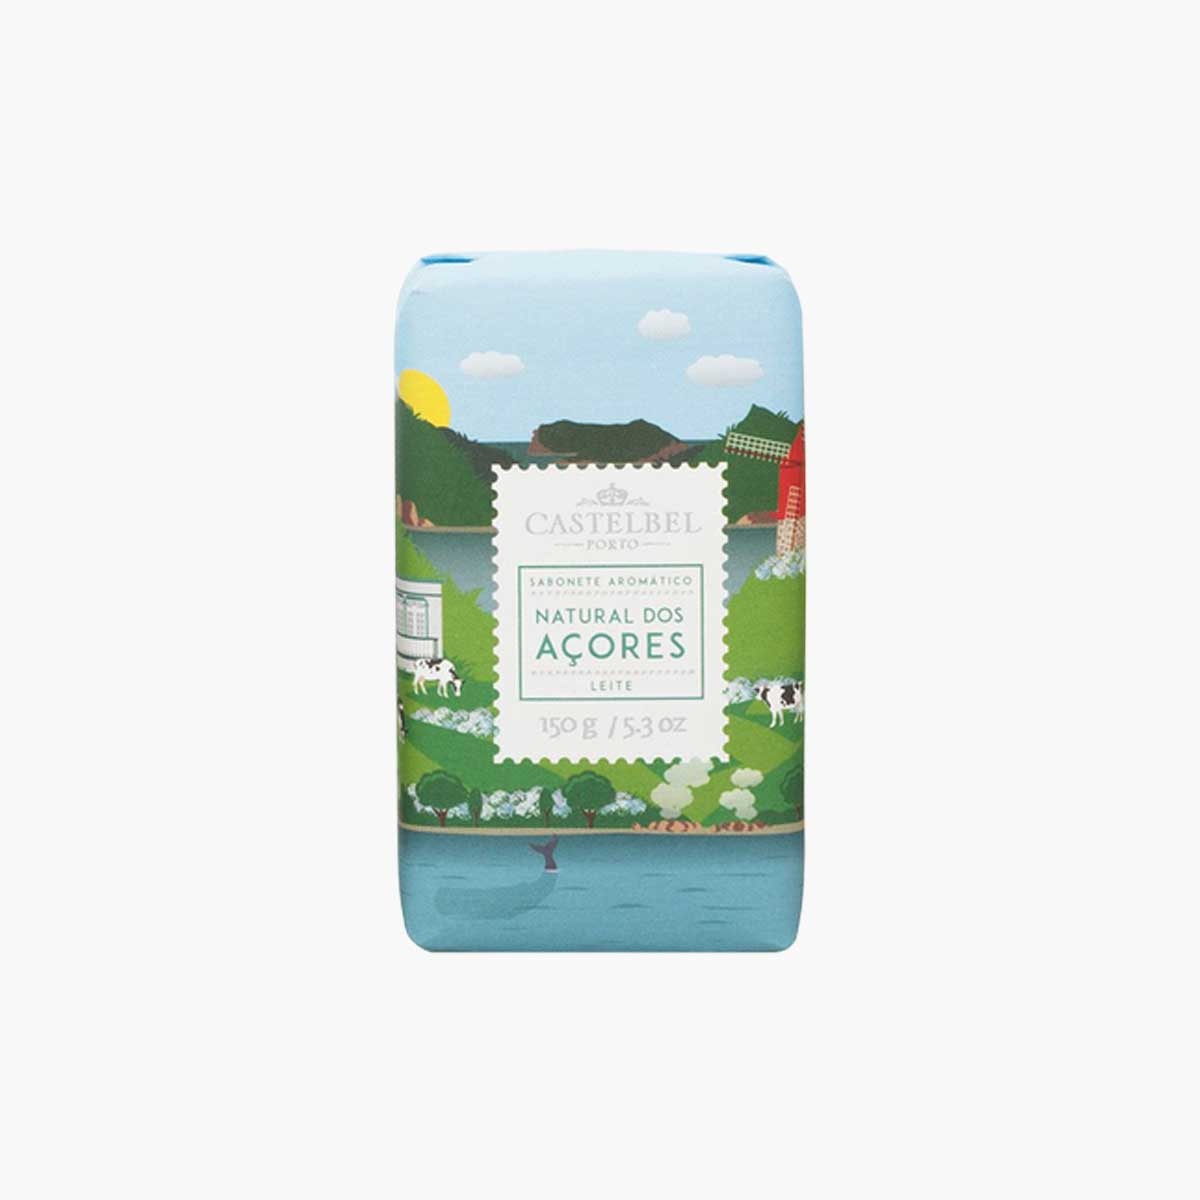 Castelbel Special Edition Natural dos Açores Soap